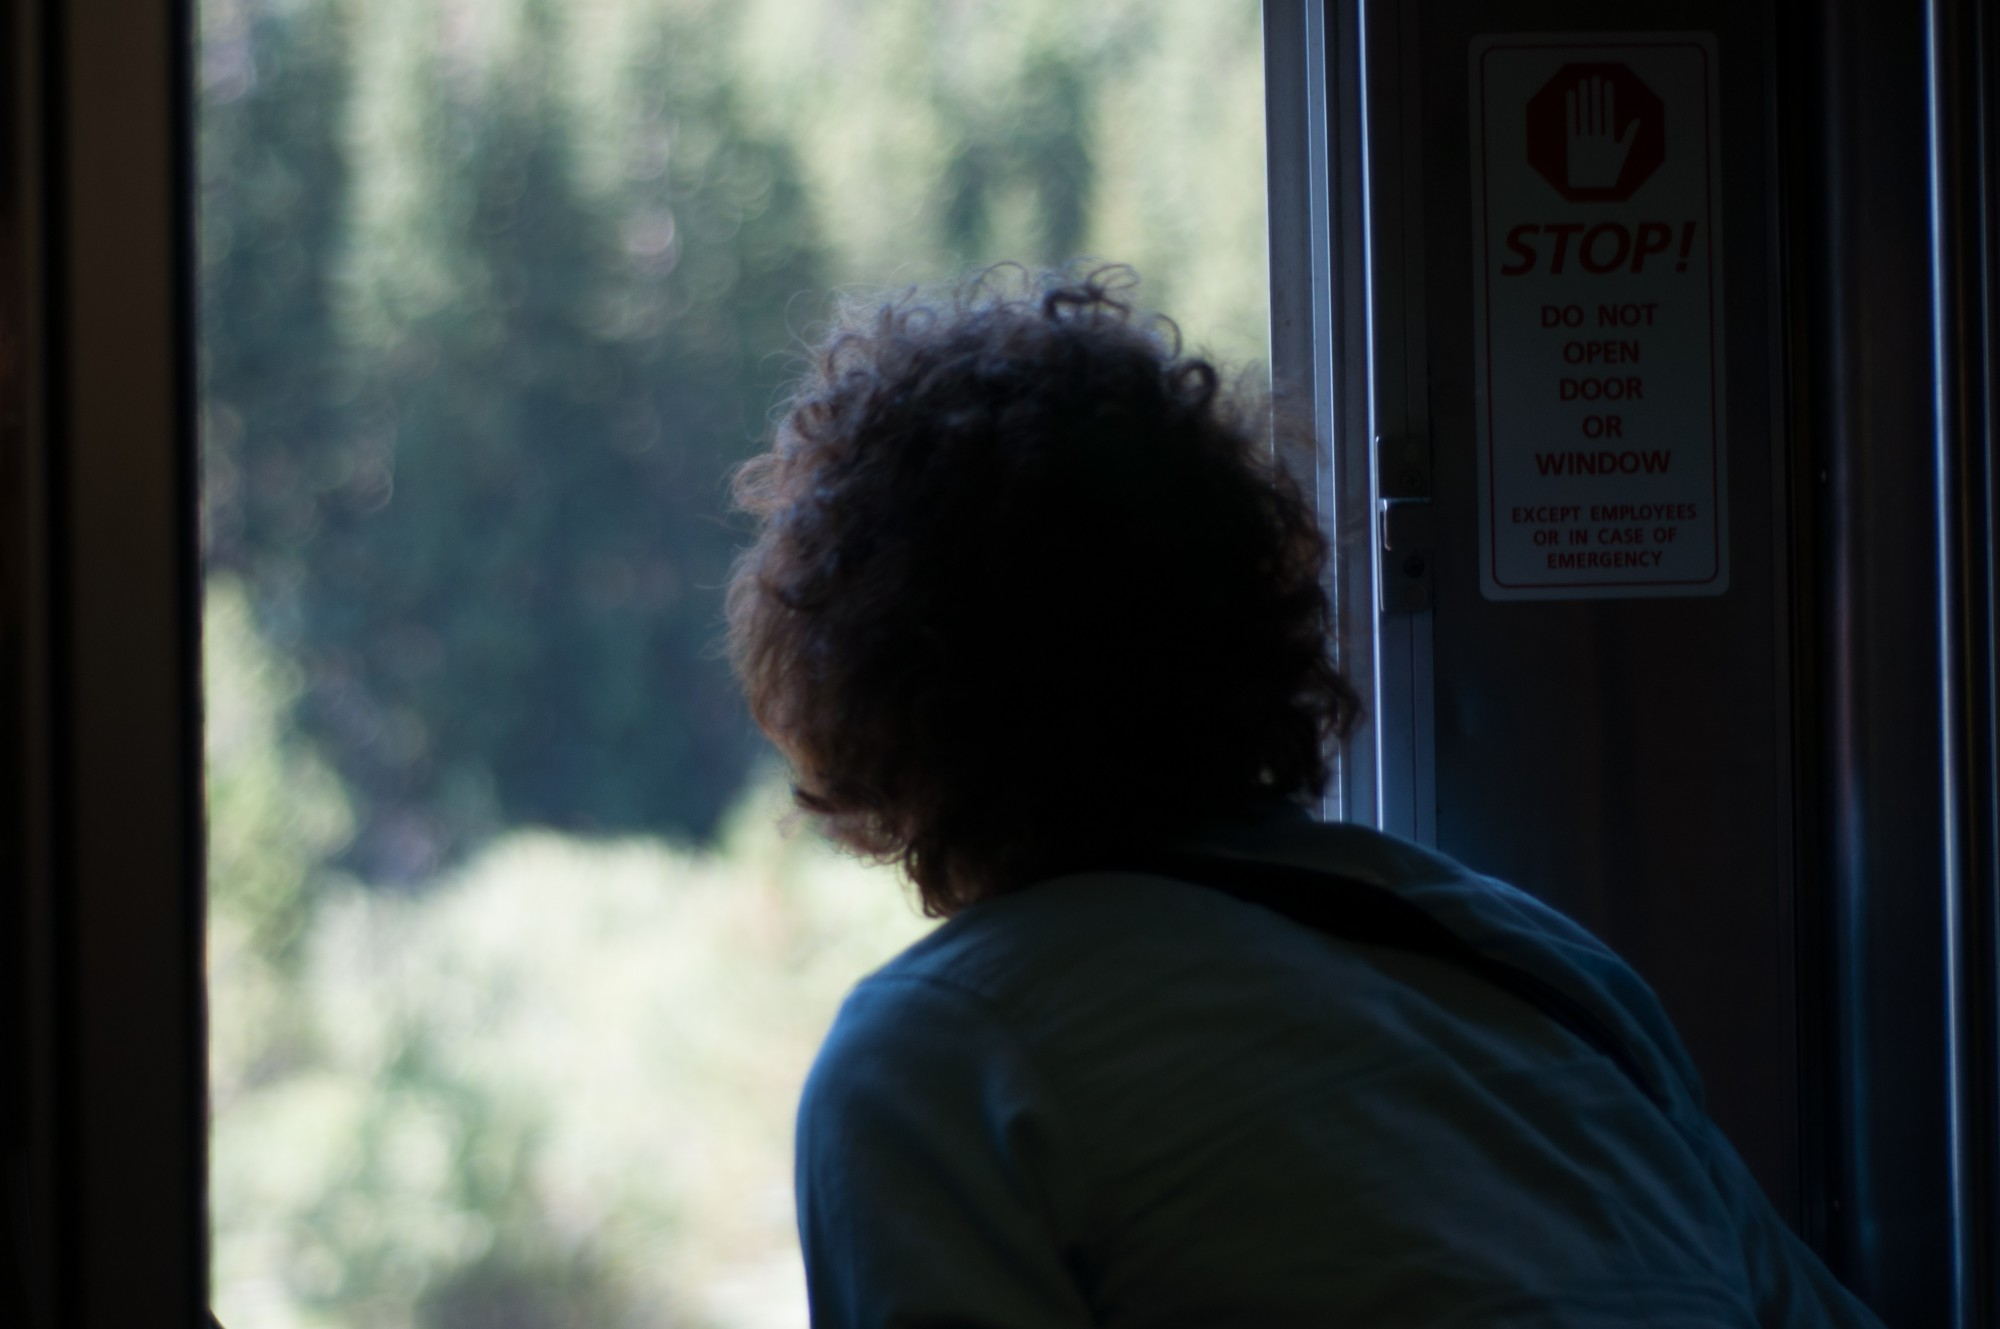 Il est d'ailleurs trop tentant d'ouvrir la fenêtre pour en sentir l'odeur !